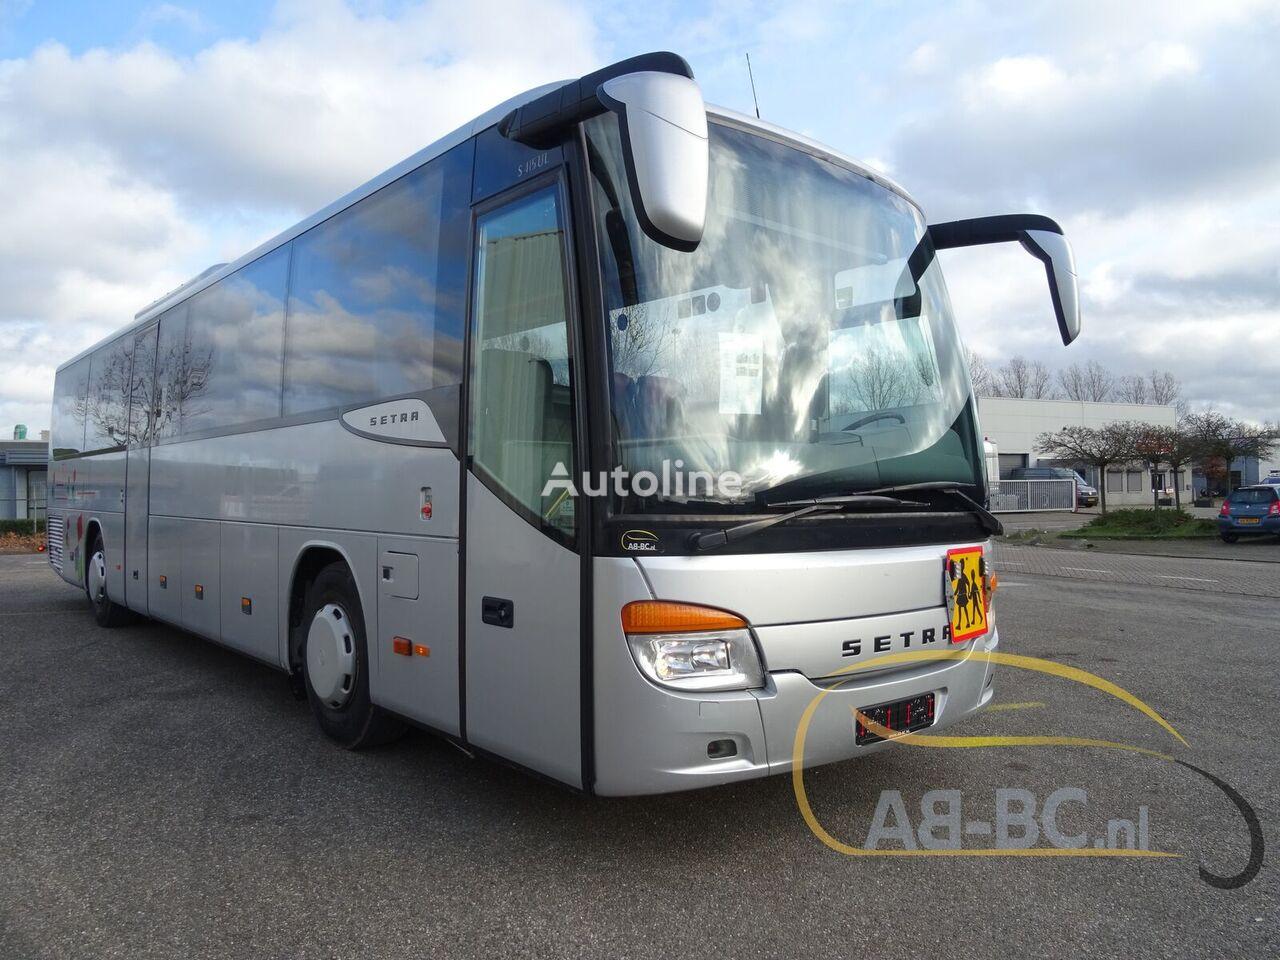 SETRA S415 51 Seats EURO 5 Toilet coach bus